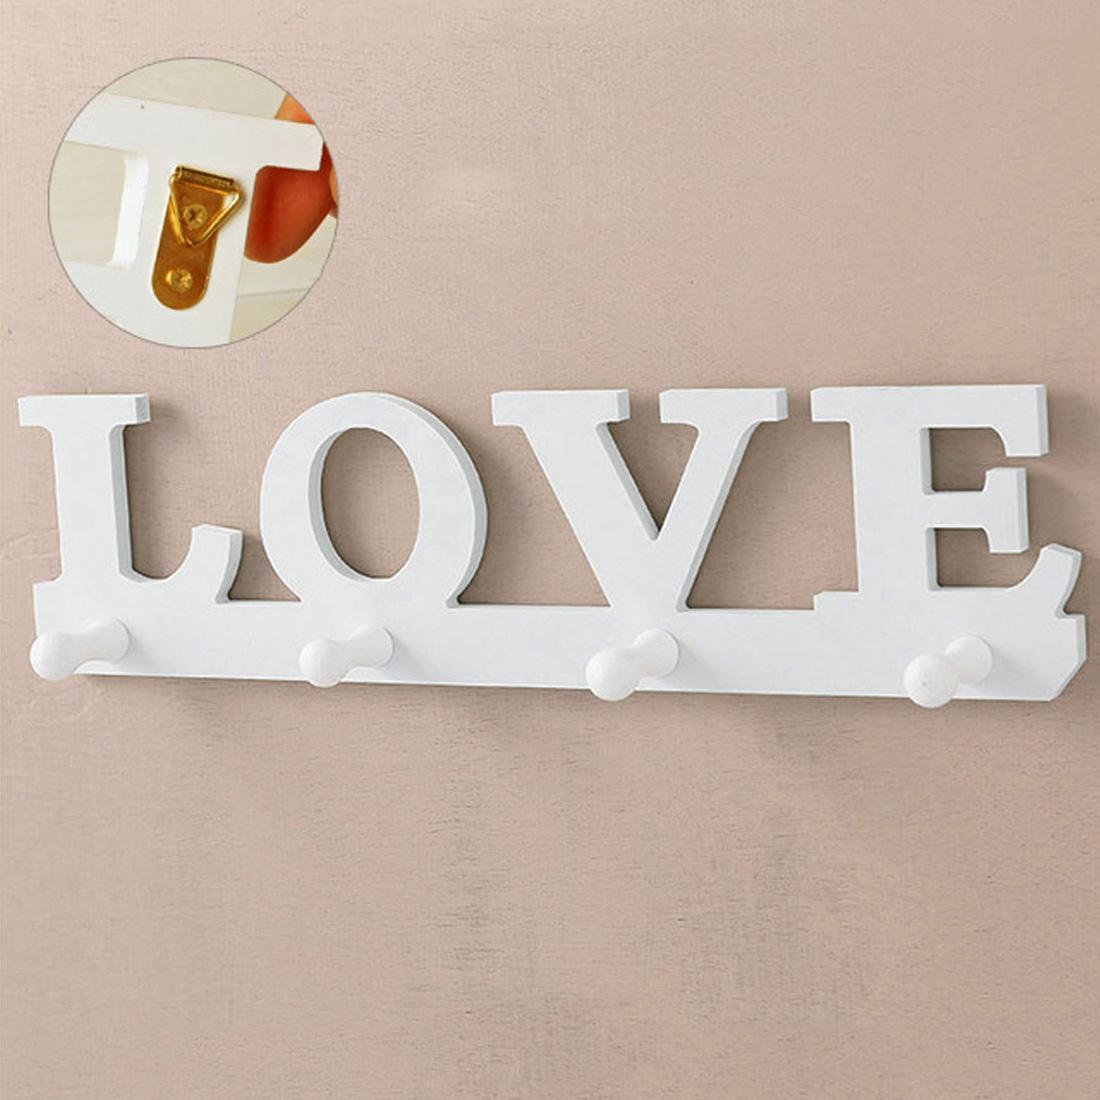 [해외]White Love Hat Keychain Clothes Bag Robe Hanging Screws Ledges Door Bathroom Retro Home Decor Hanger Keychain Wall Hook/White Love Hat Keychain Cl